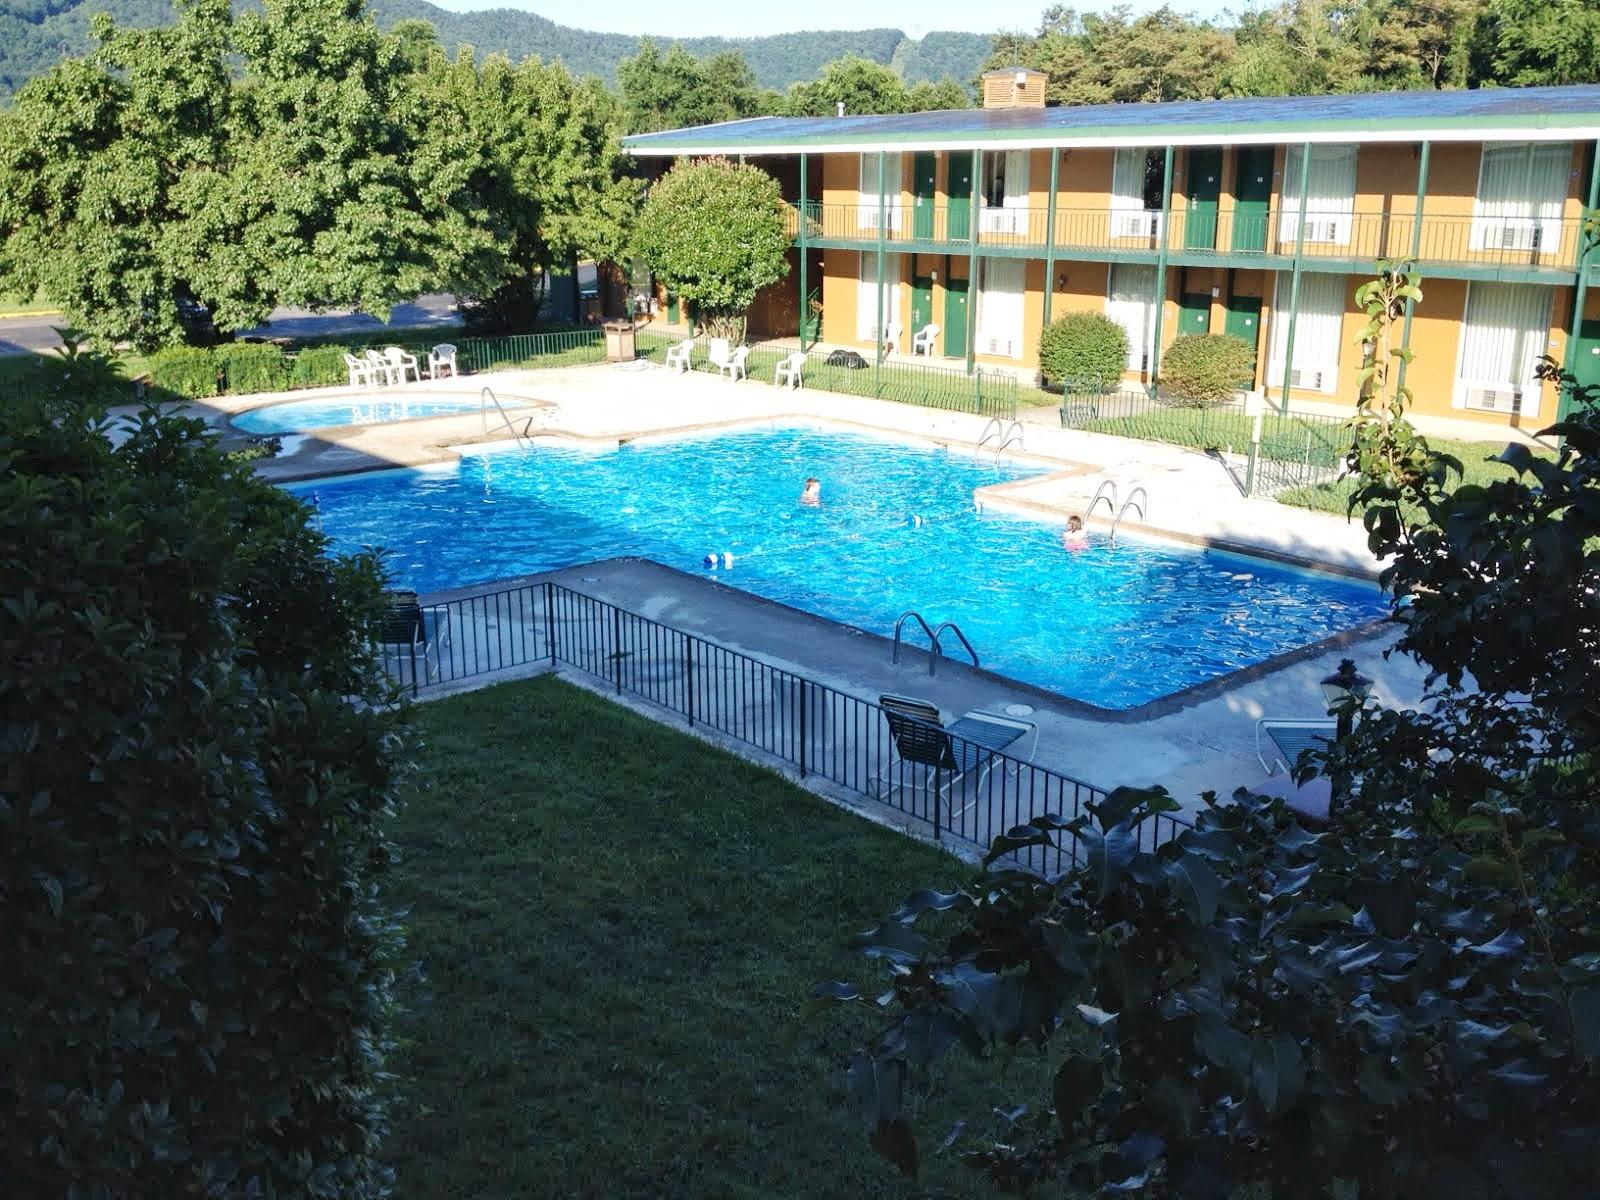 Thompson training journal howard johnson swimming pool - Johnson swimming pool roseville ca ...